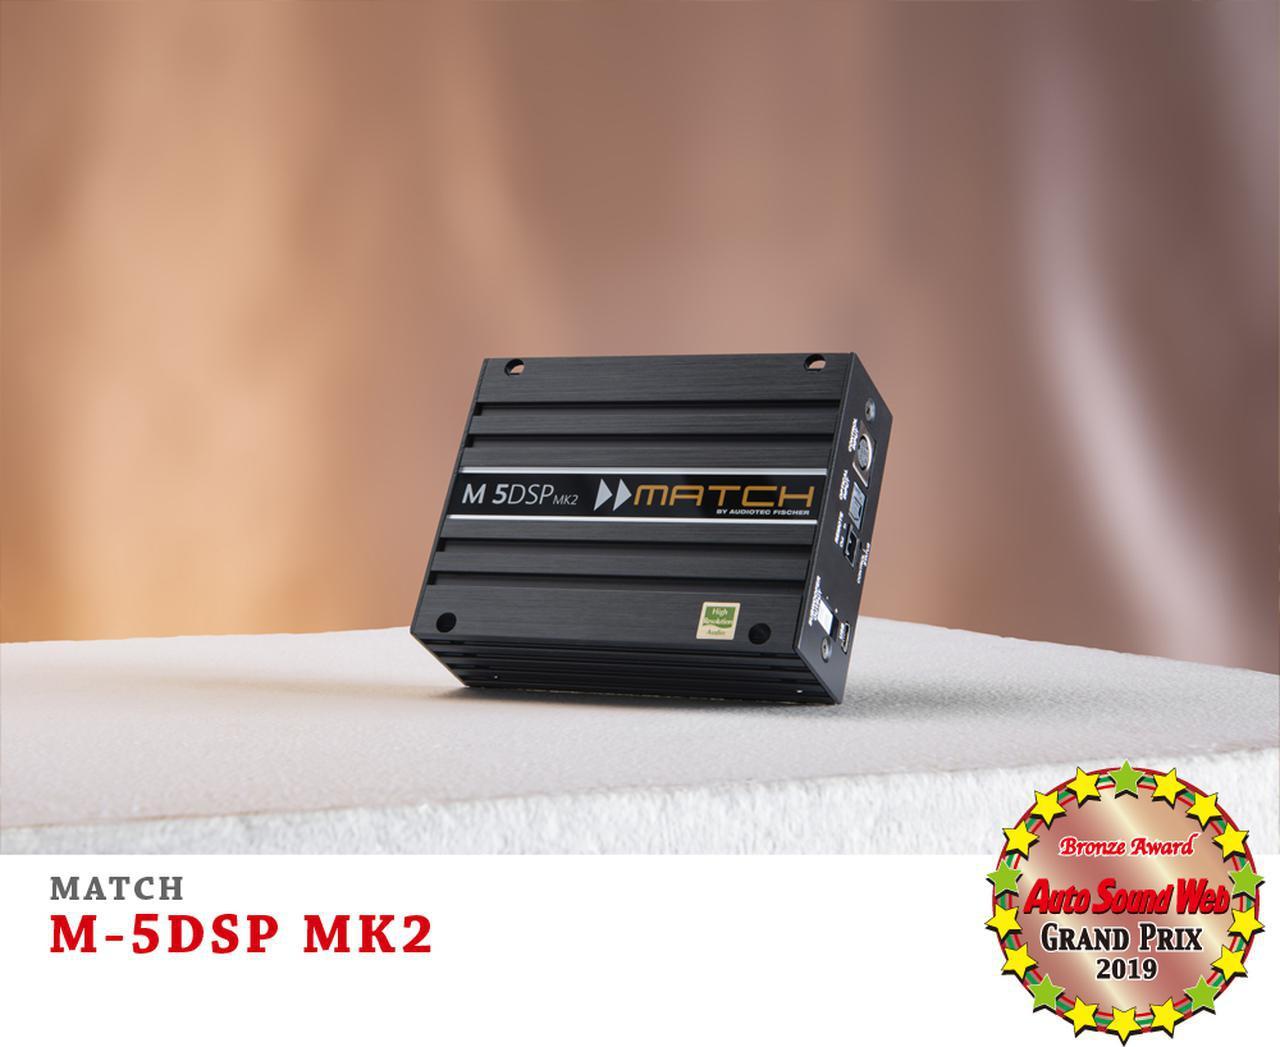 画像: Auto Sound Web Grand Prix 2019:マッチM-5DSP MK2がBronze Awardを獲得した理由 - Stereo Sound ONLINE